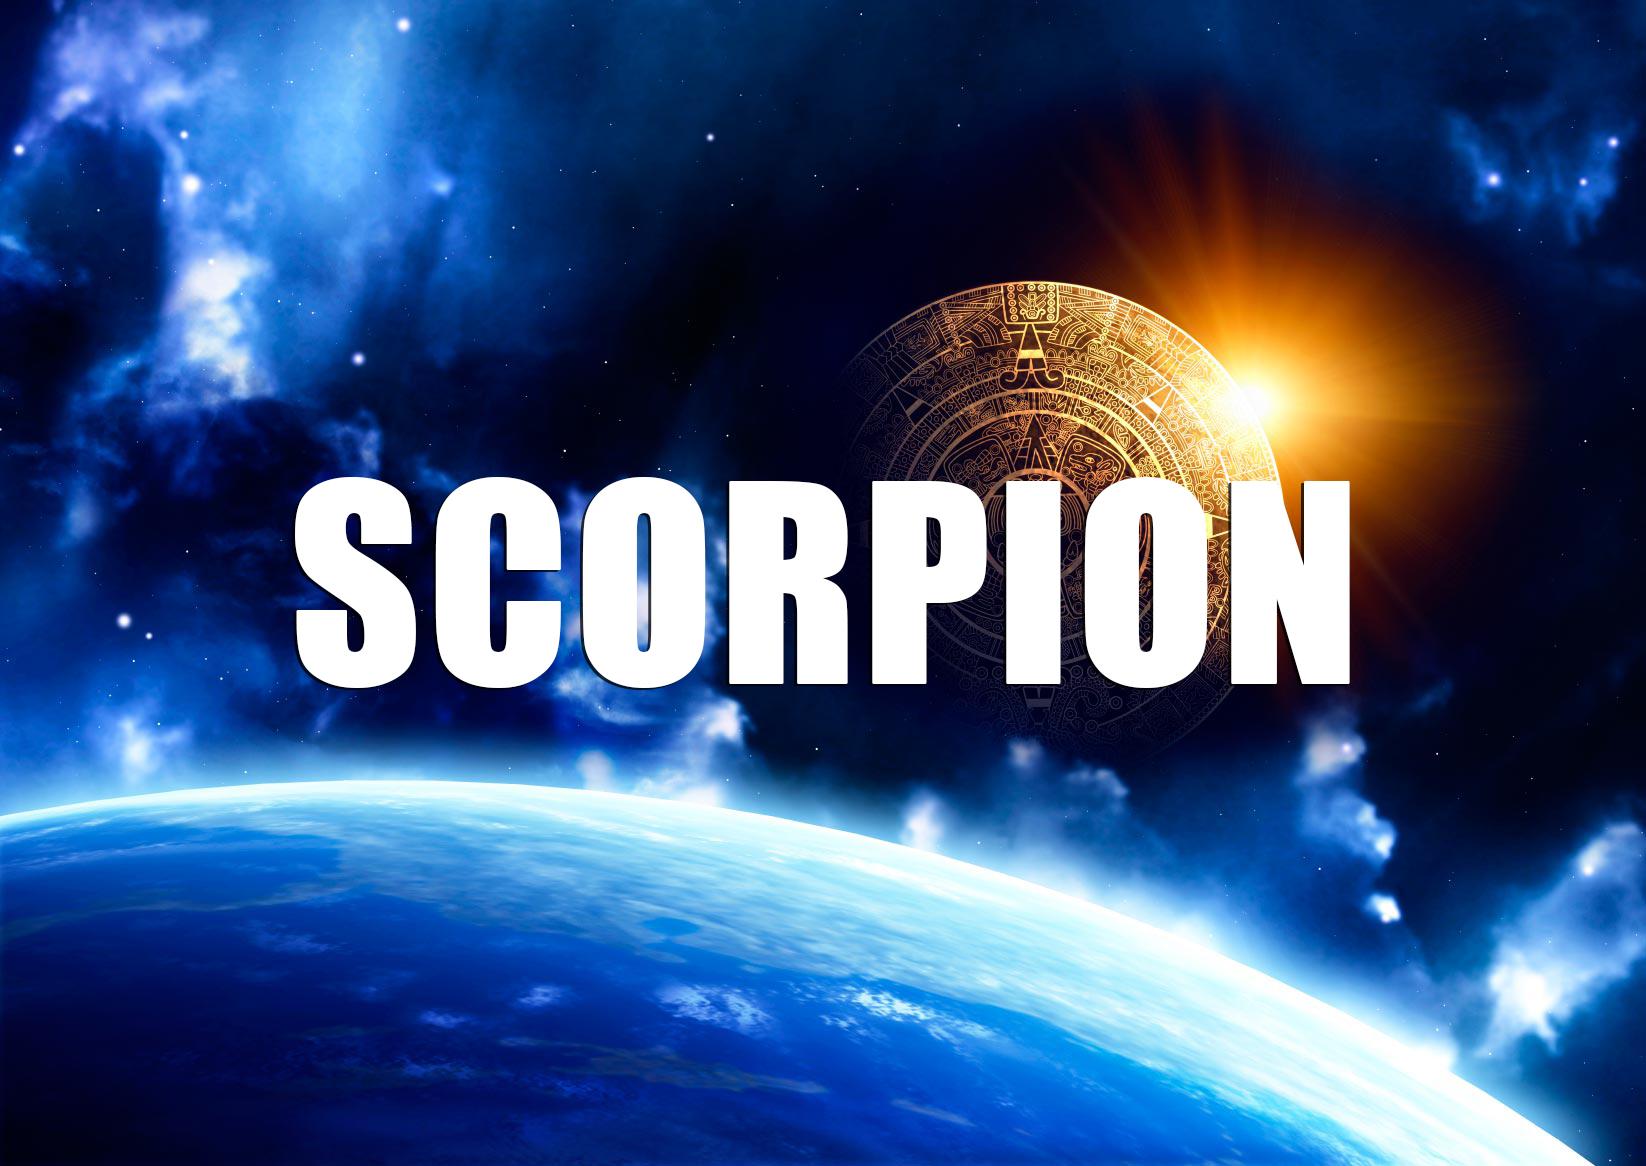 Horoscop Minerva săptămâna 20 -26 aprilie 2020 - SCORPION